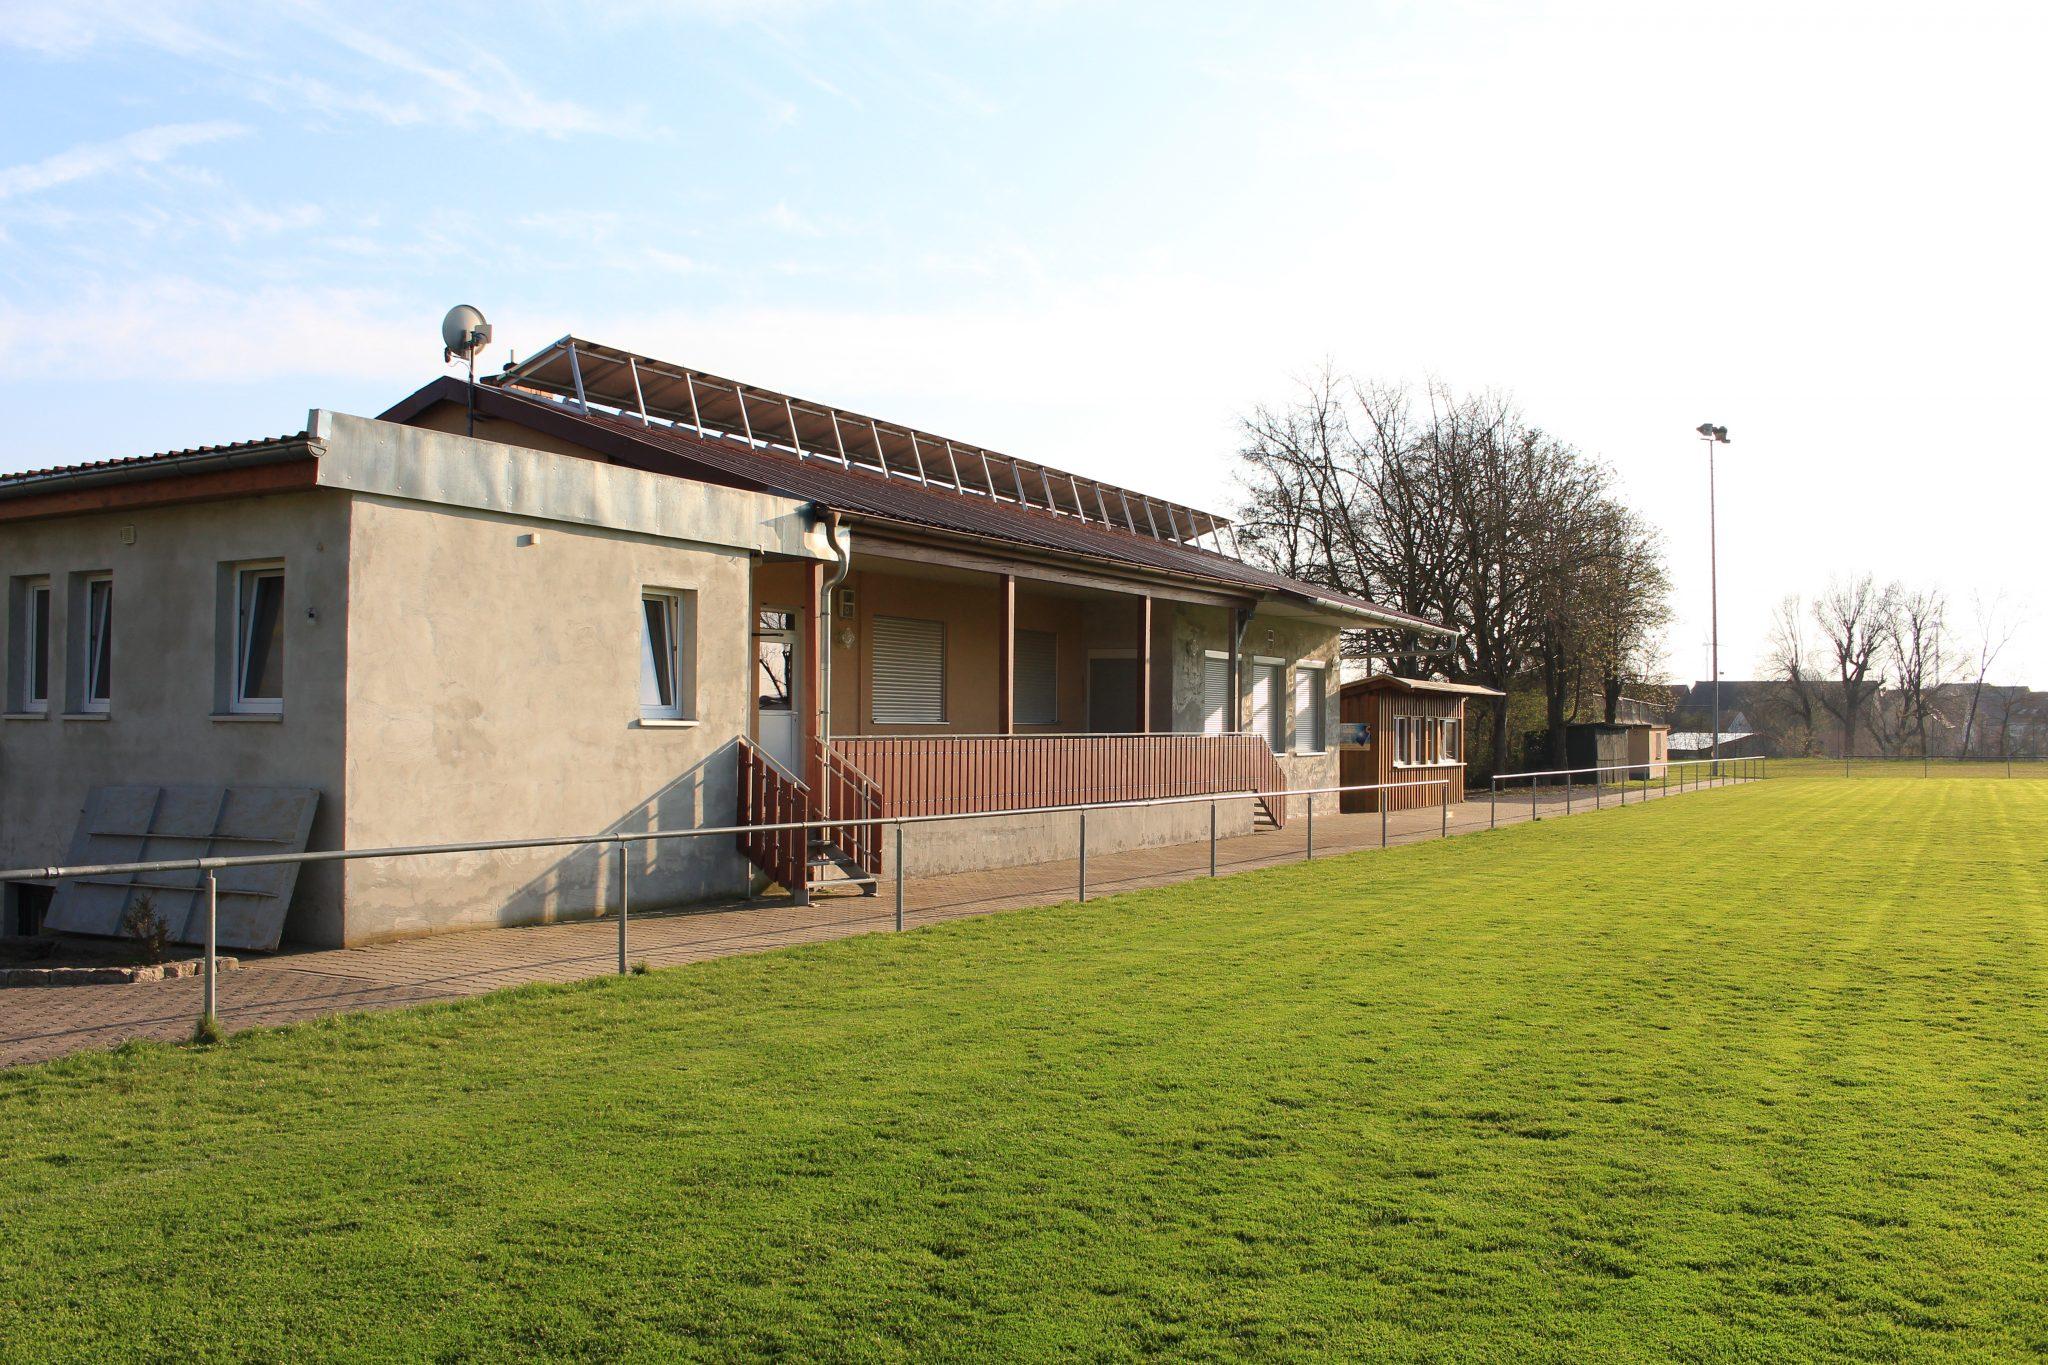 FC Hopferstadt Sportgelände sportheim-2